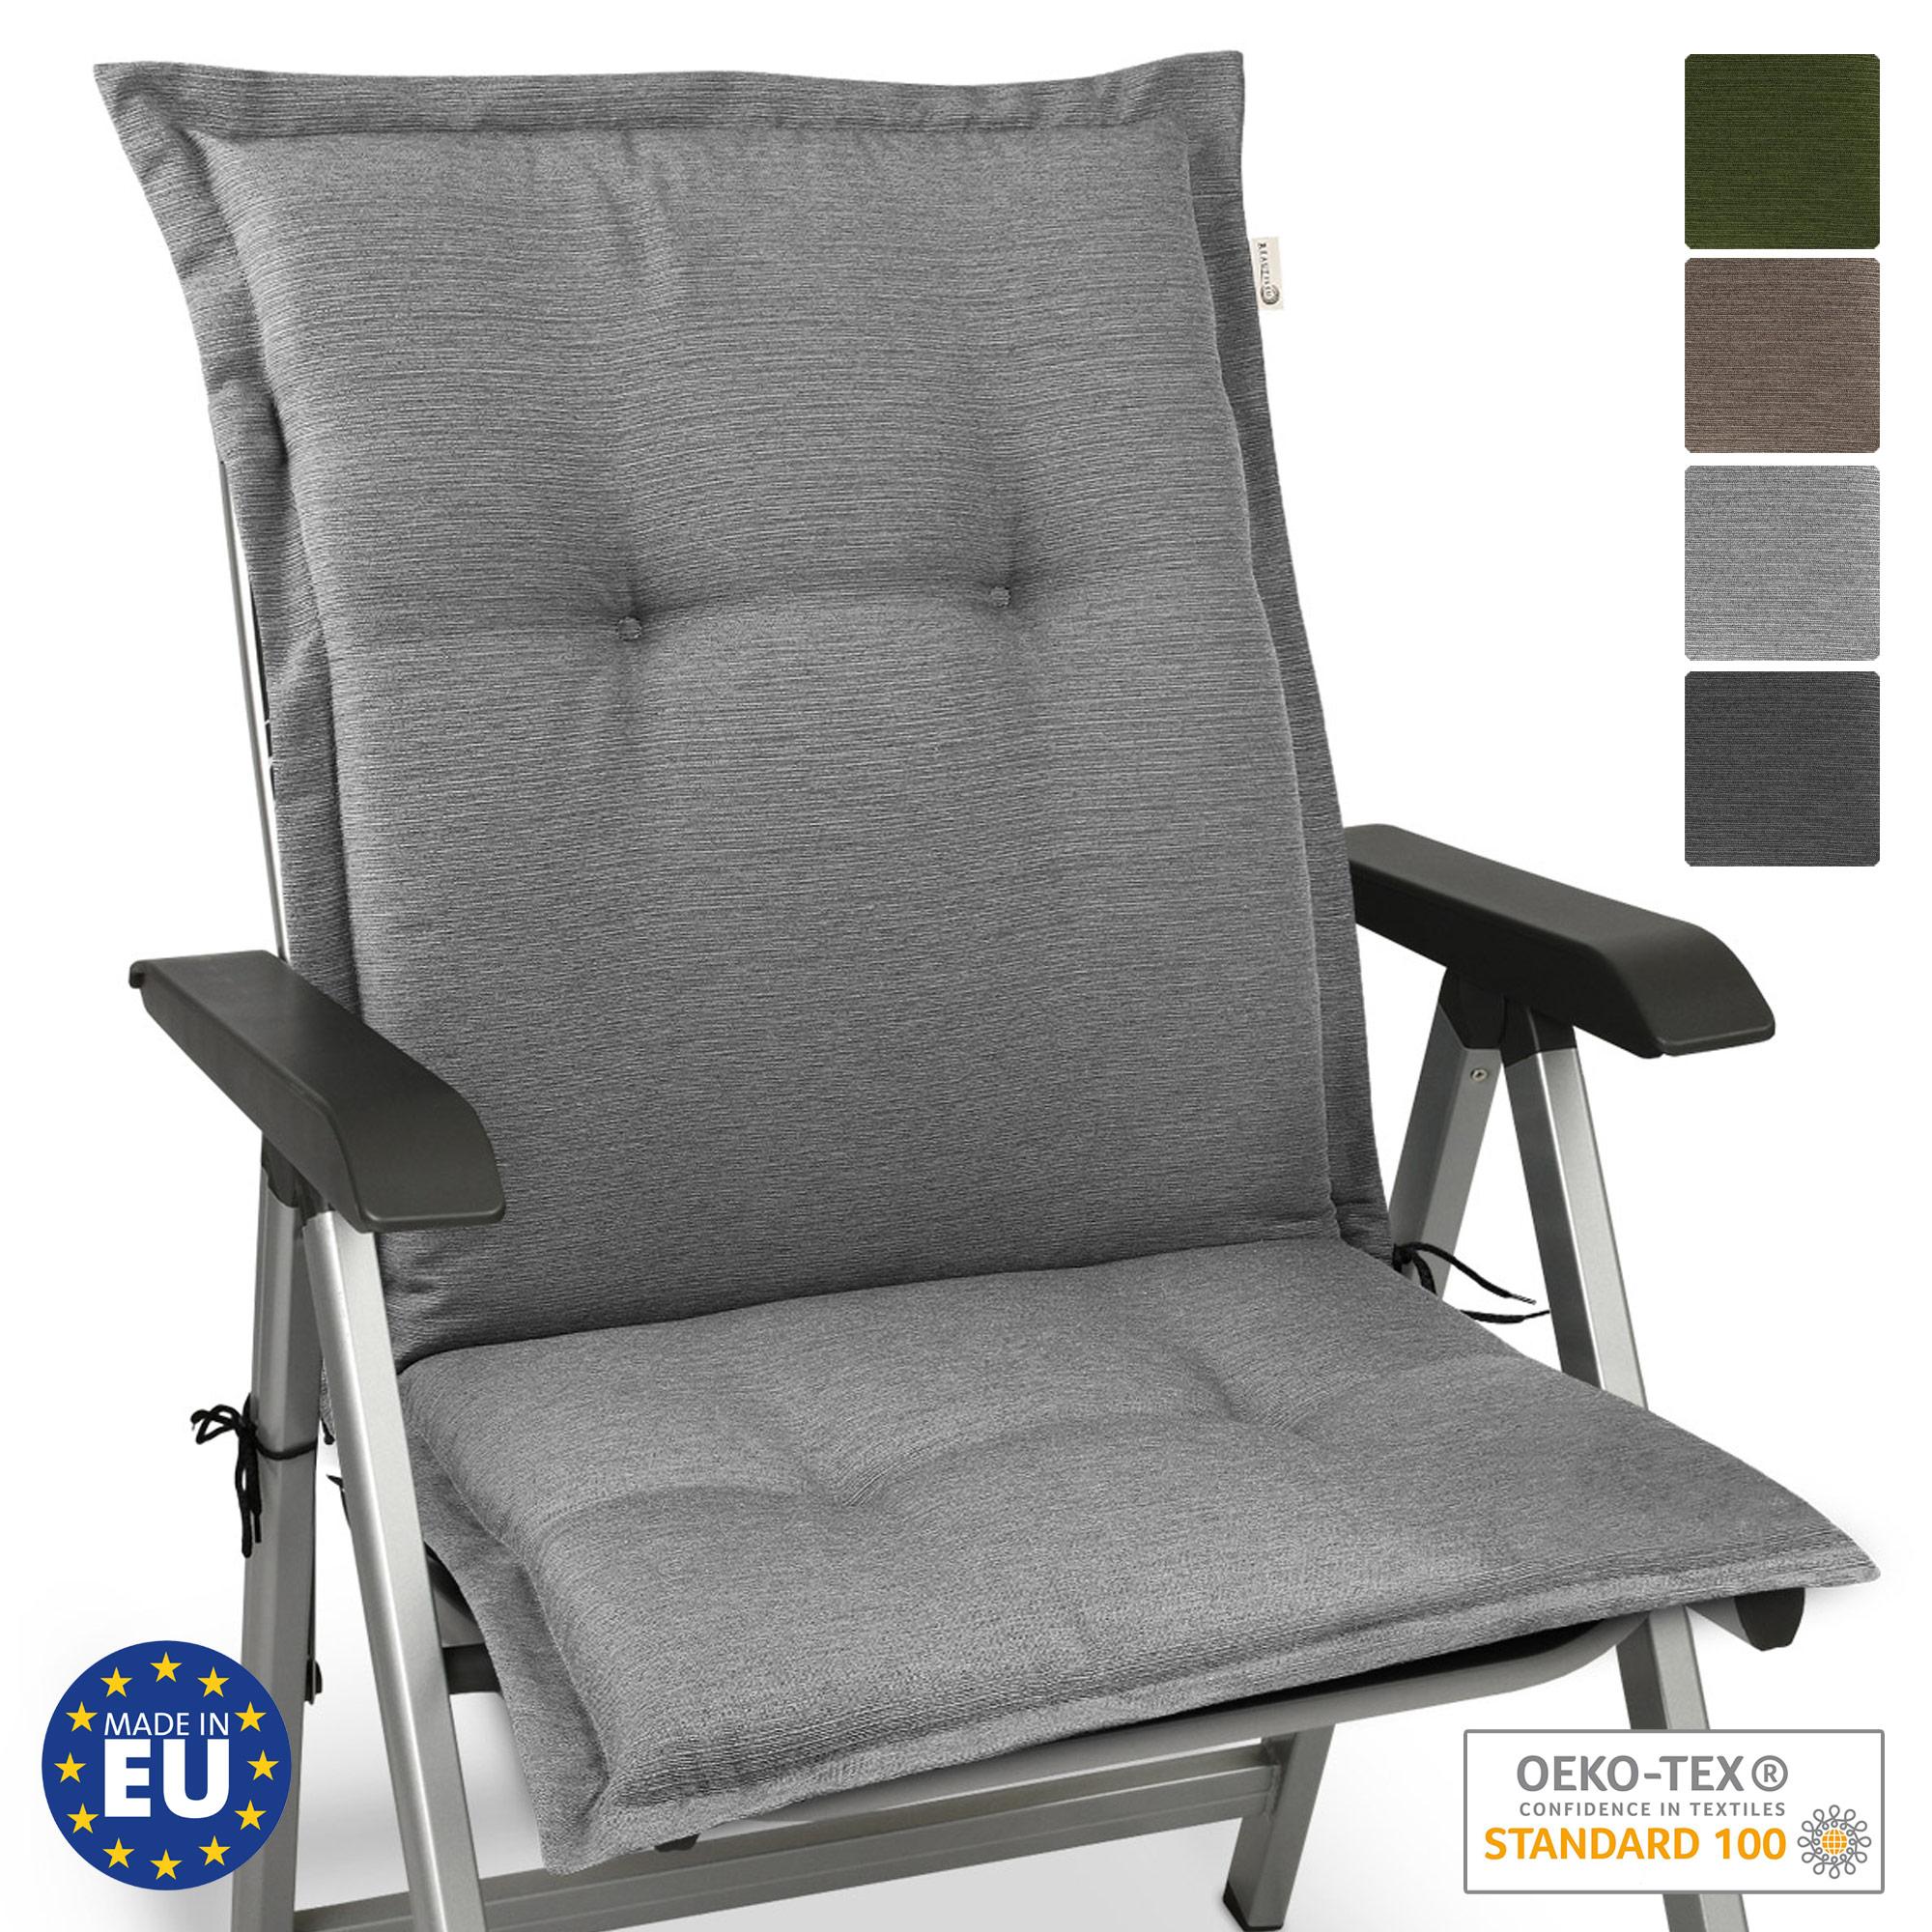 Beautissu HighLux NL Niedriglehner Auflage 105x50x7cm diverse Farben